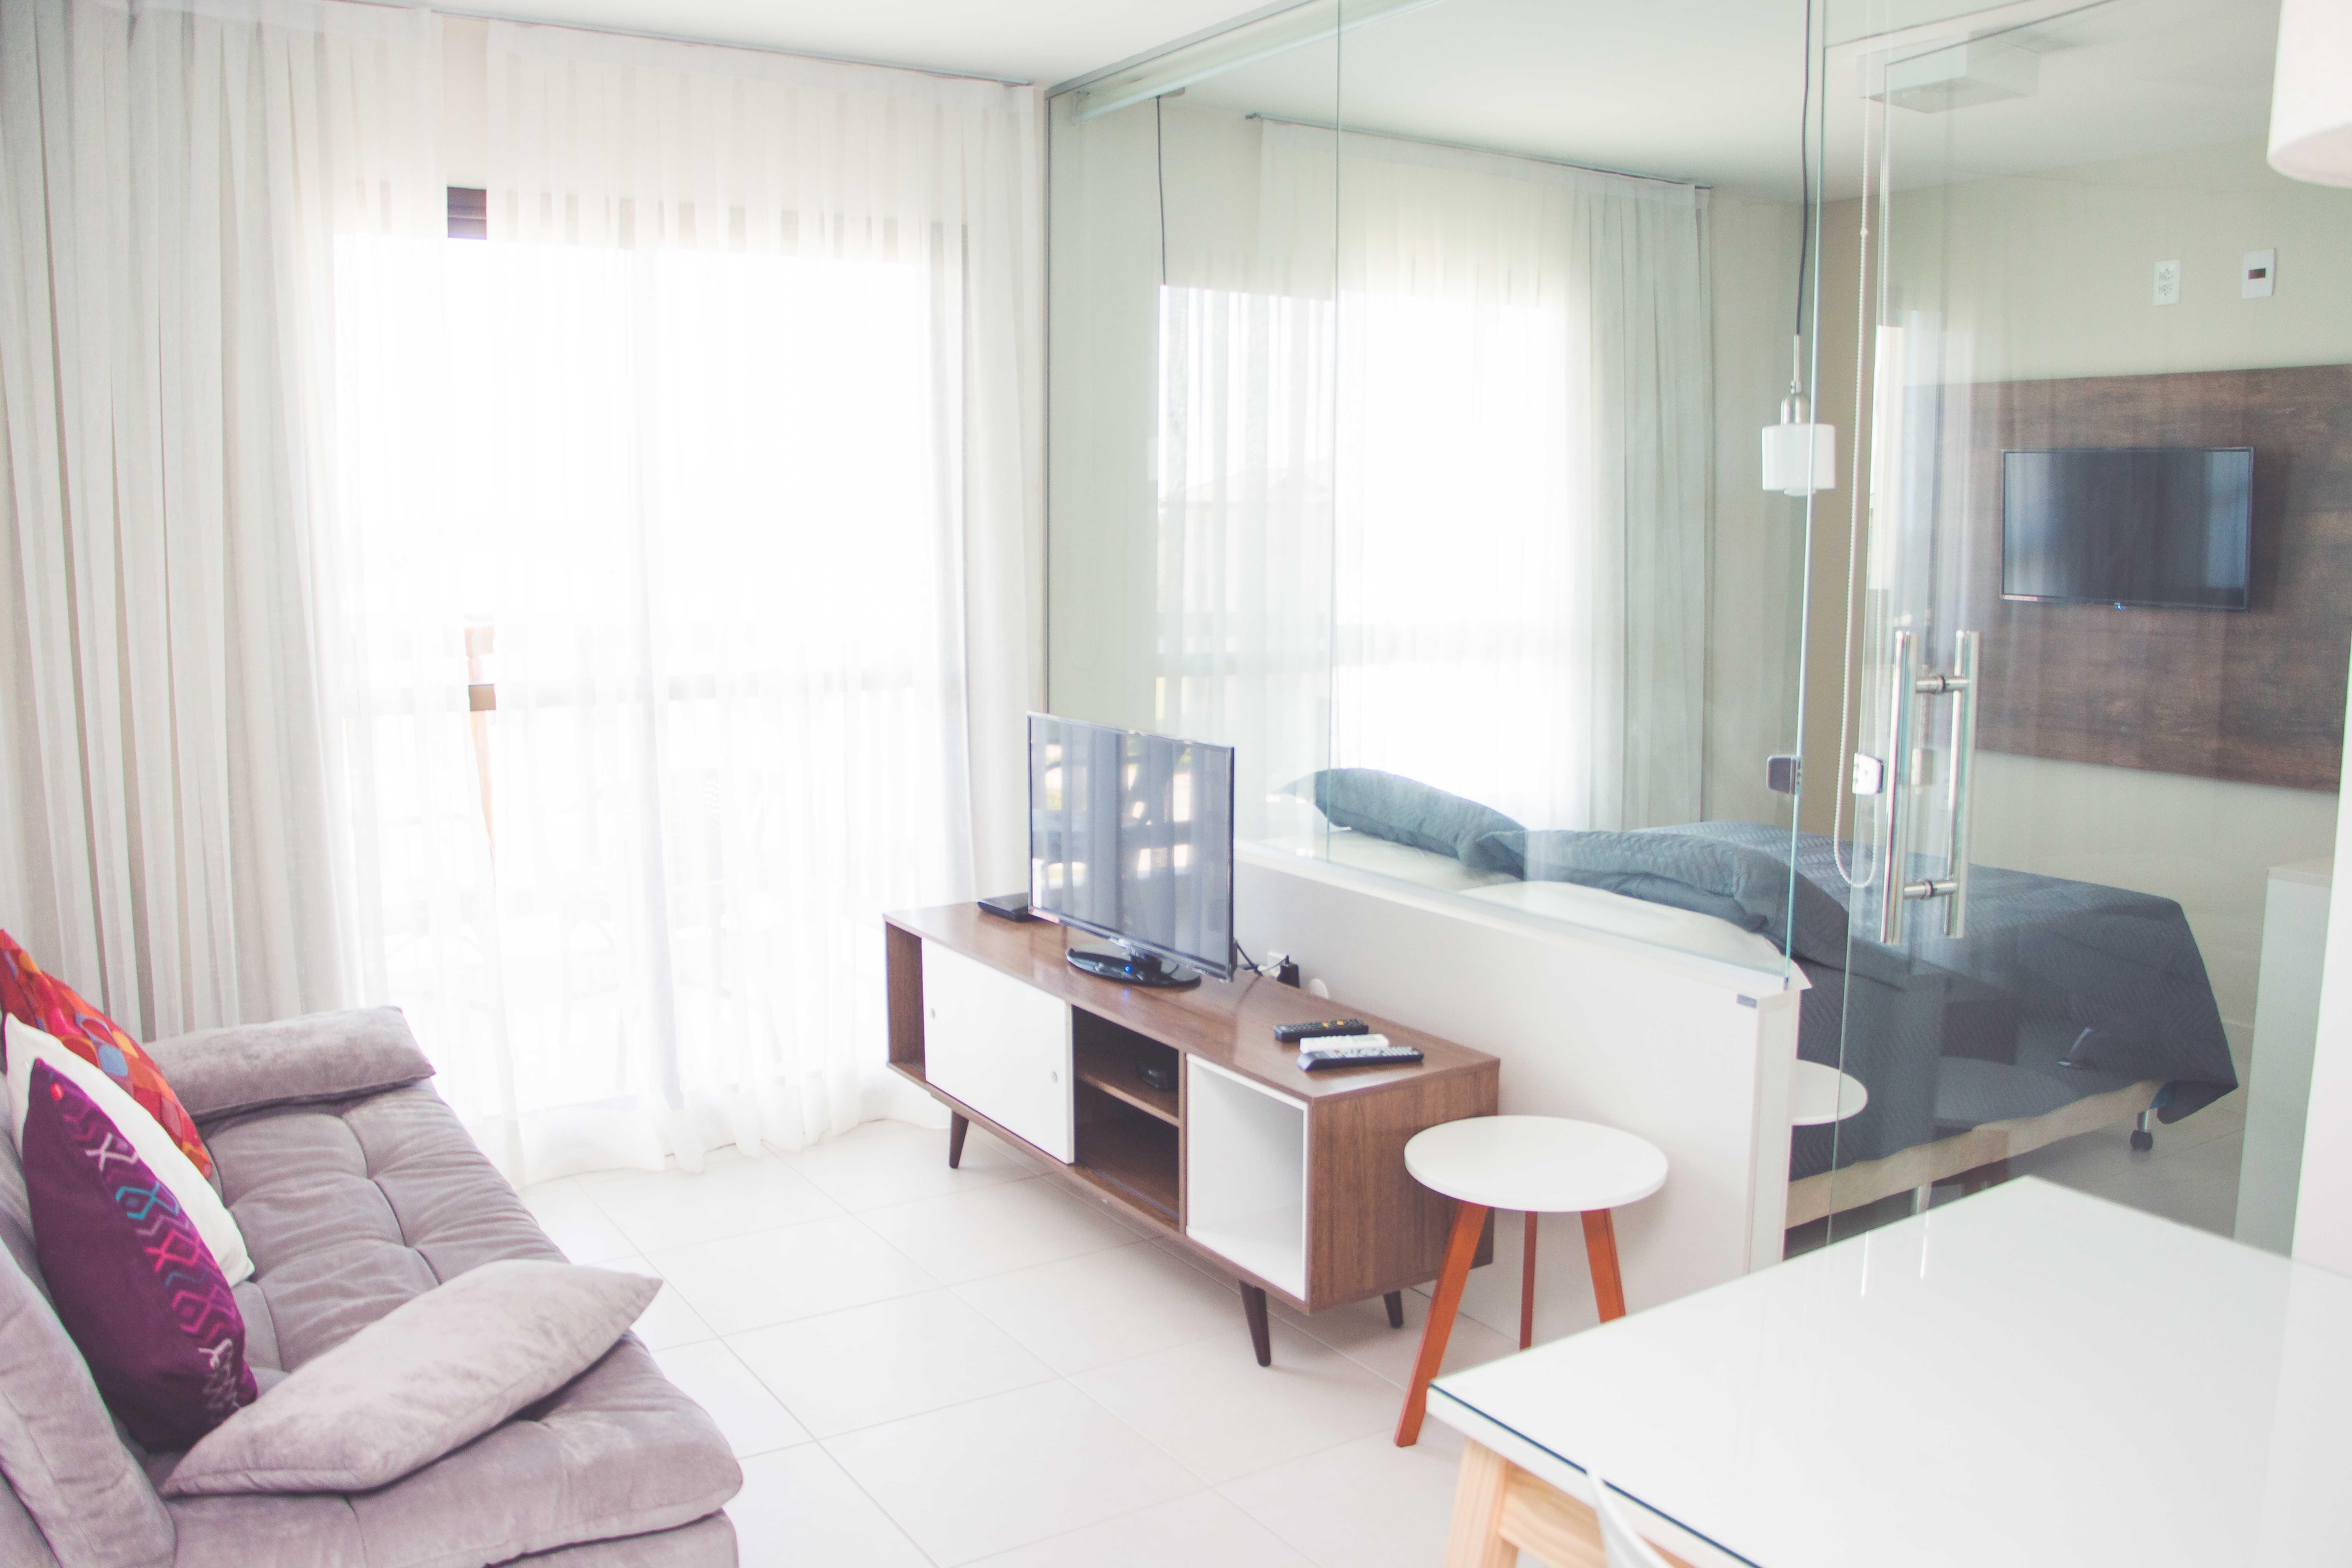 2 diárias (de segunda a quinta) em apartamento para até 4 pessoas (adulto ou criança) de R$580 por apenas R$399